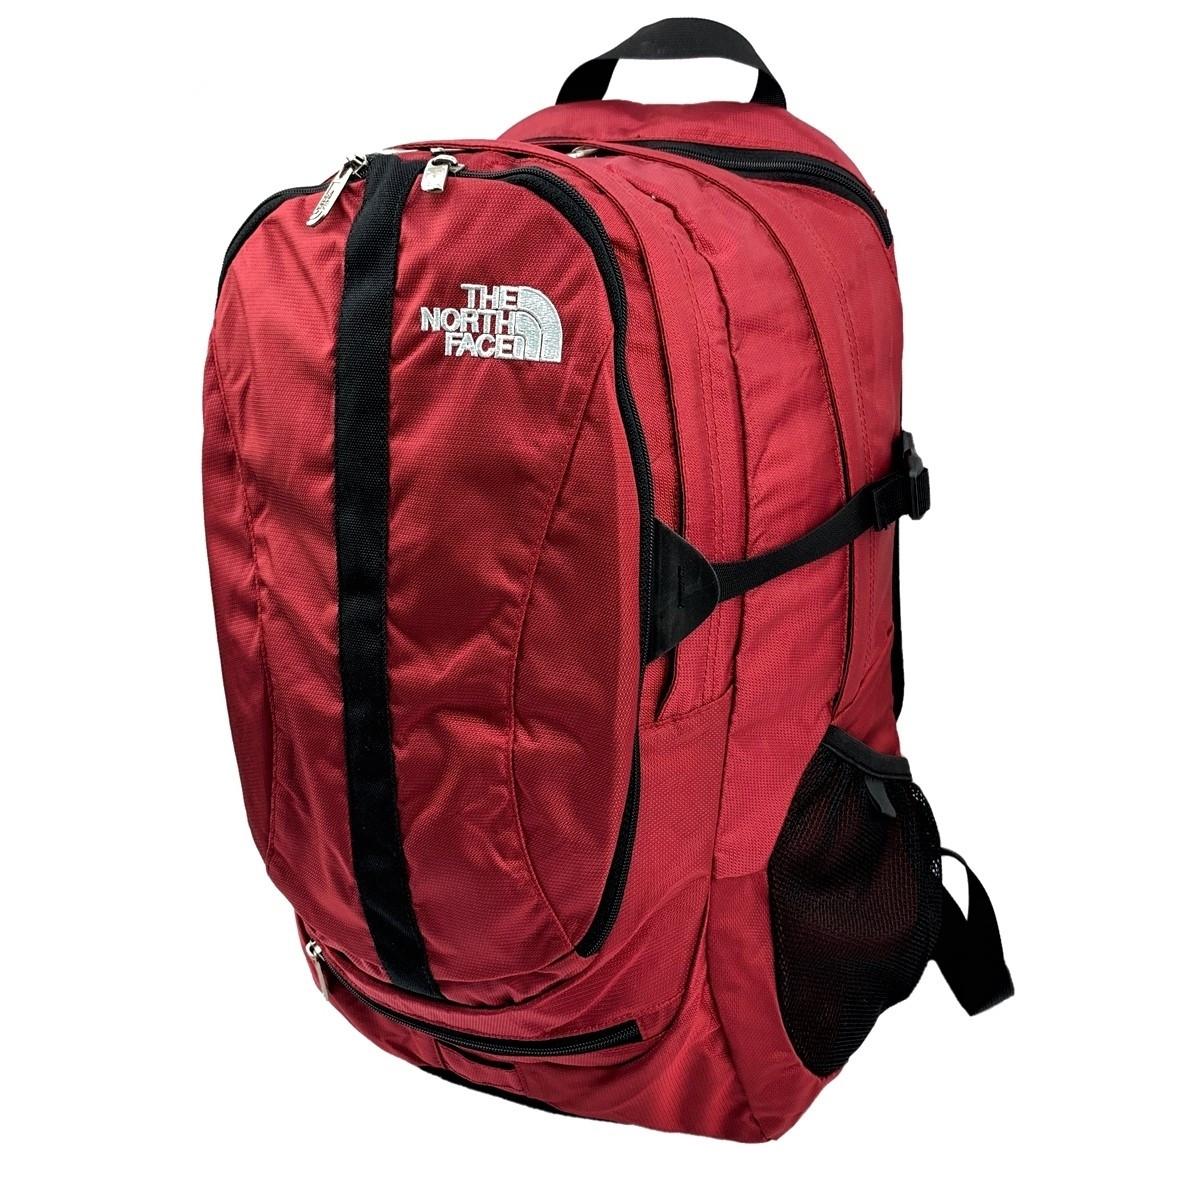 Женский городской рюкзак The North Face Melinda 30L бордового цвета